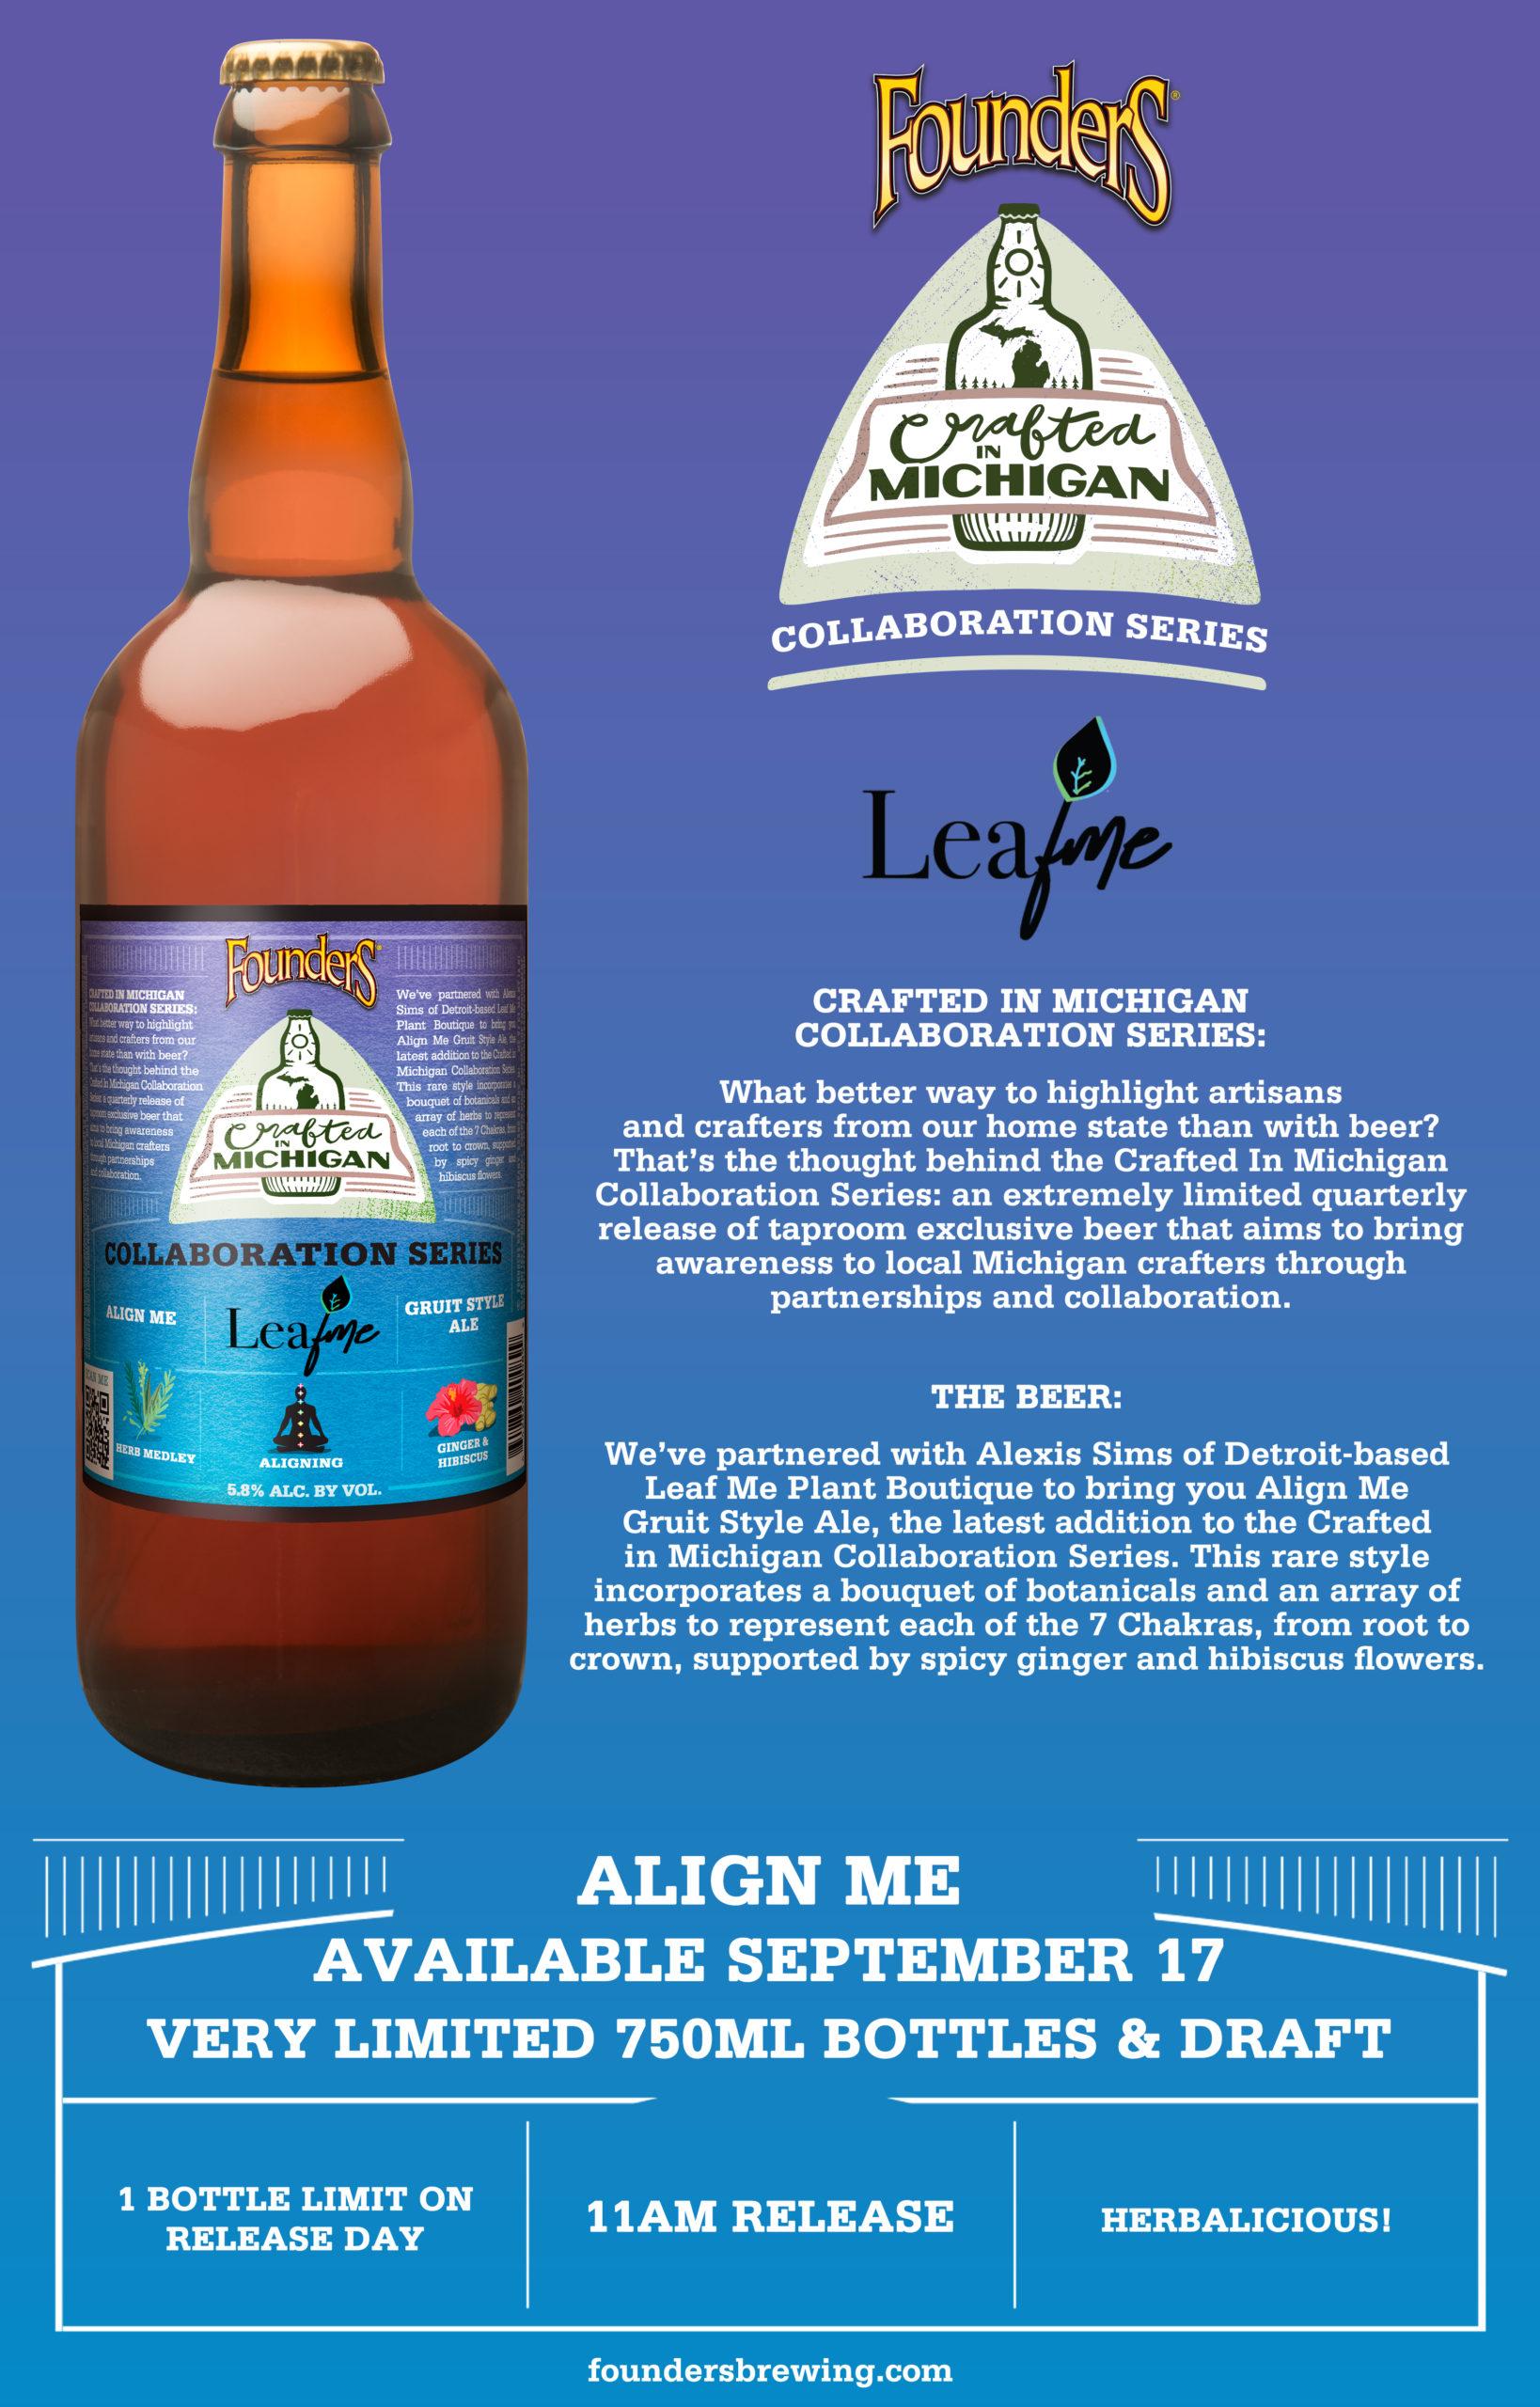 Align Me GR release on September 17 at 11am